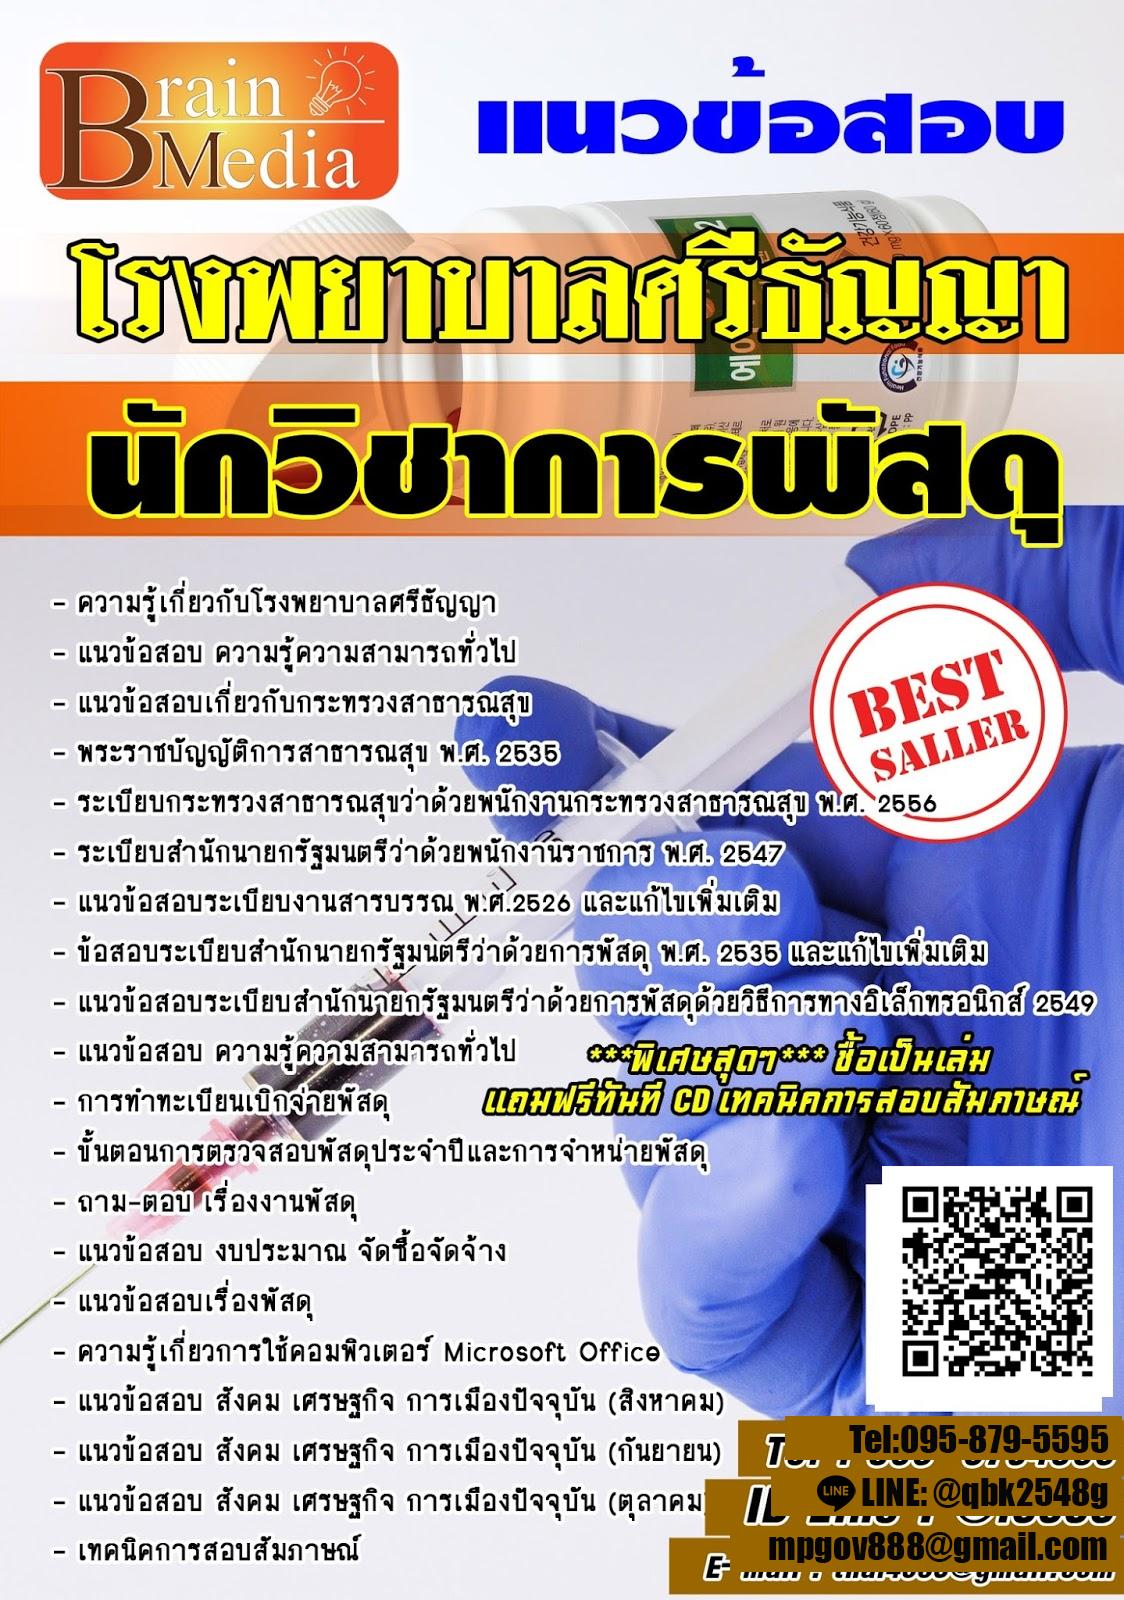 สรุปแนวข้อสอบ นักวิชาการพัสดุ โรงพยาบาลศรีธัญญา